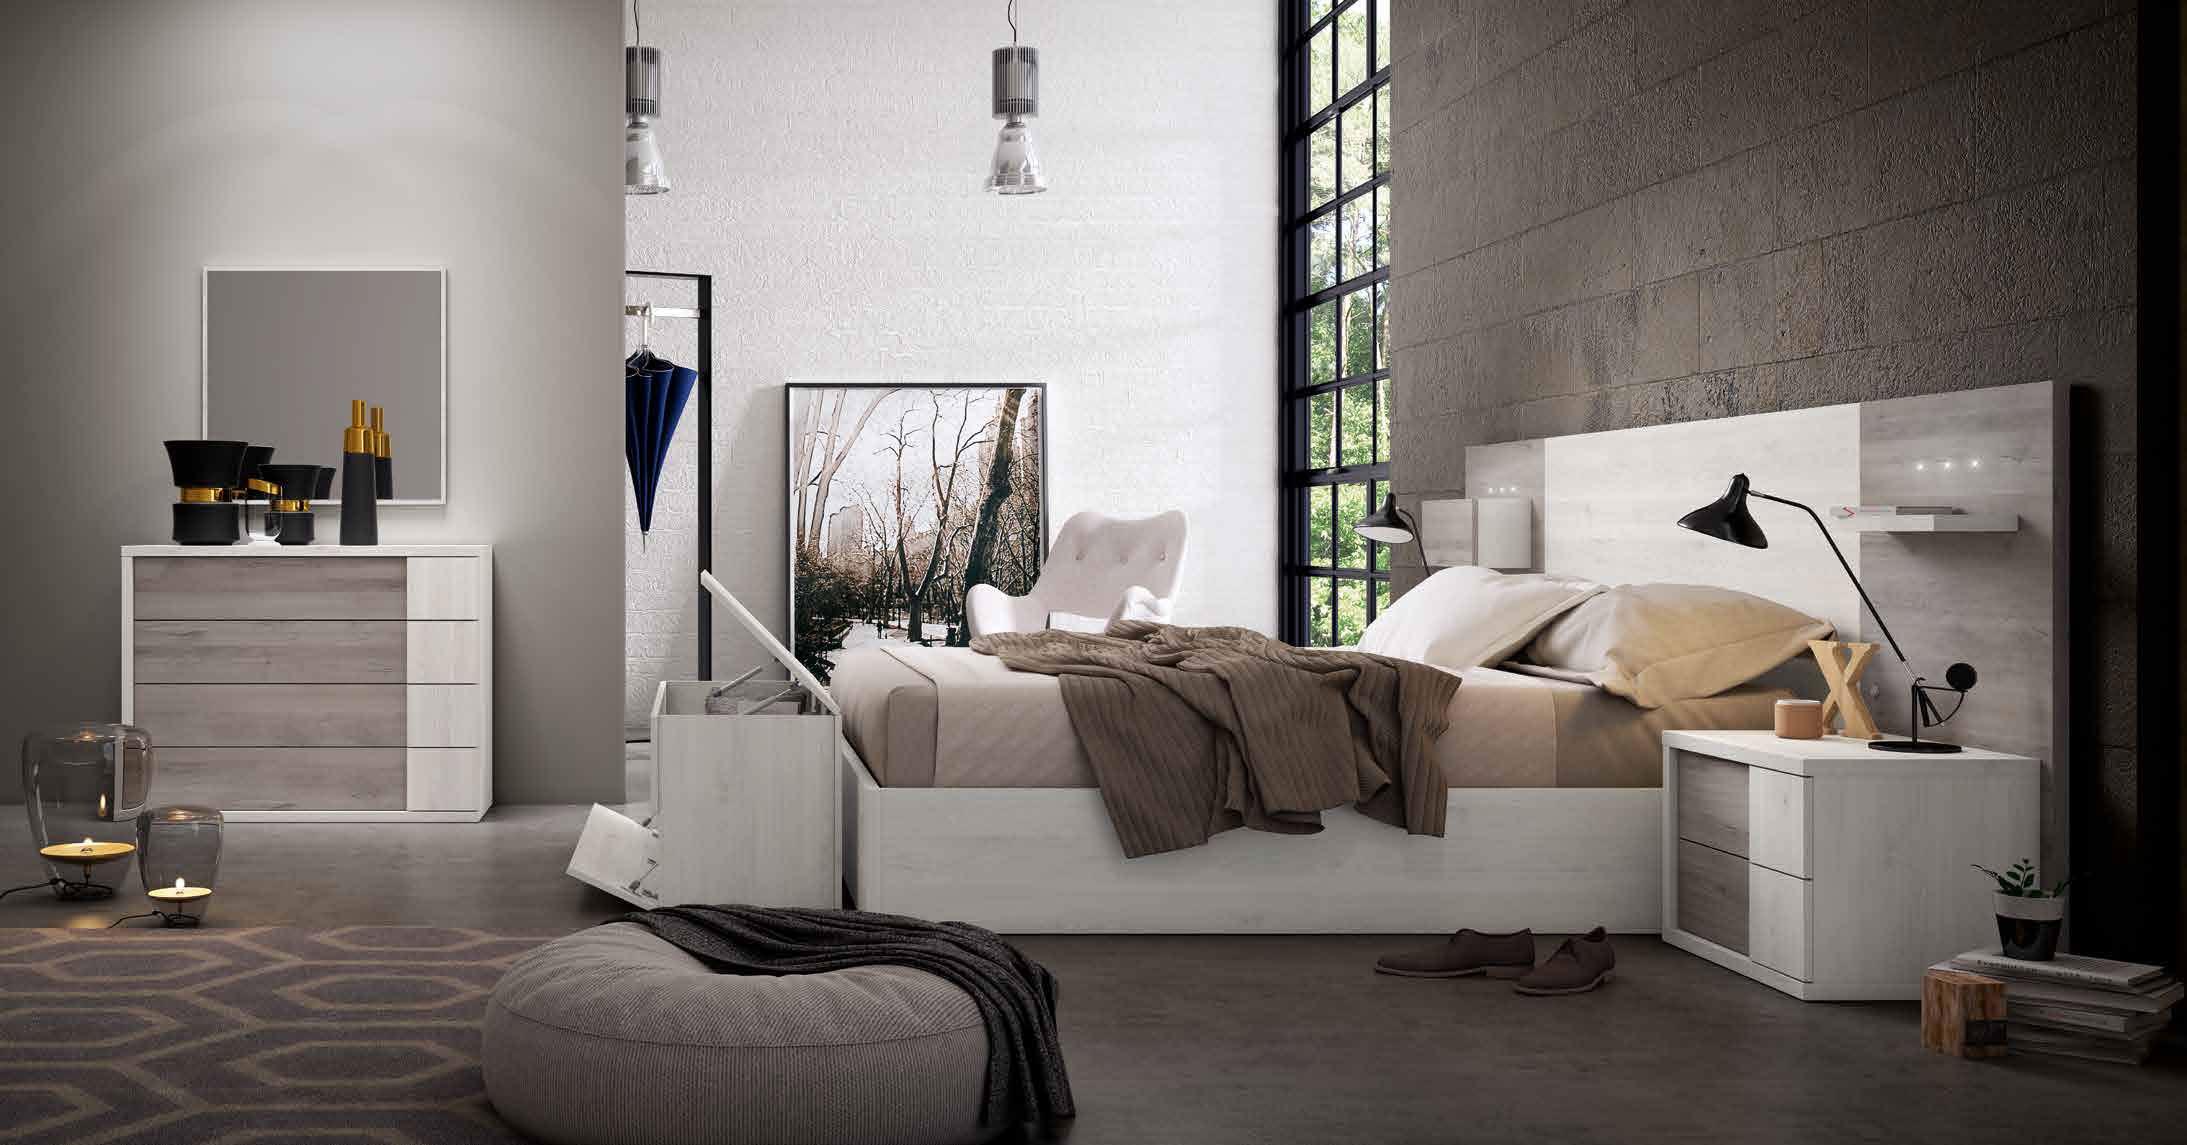 creta-dormitorio-hades-34